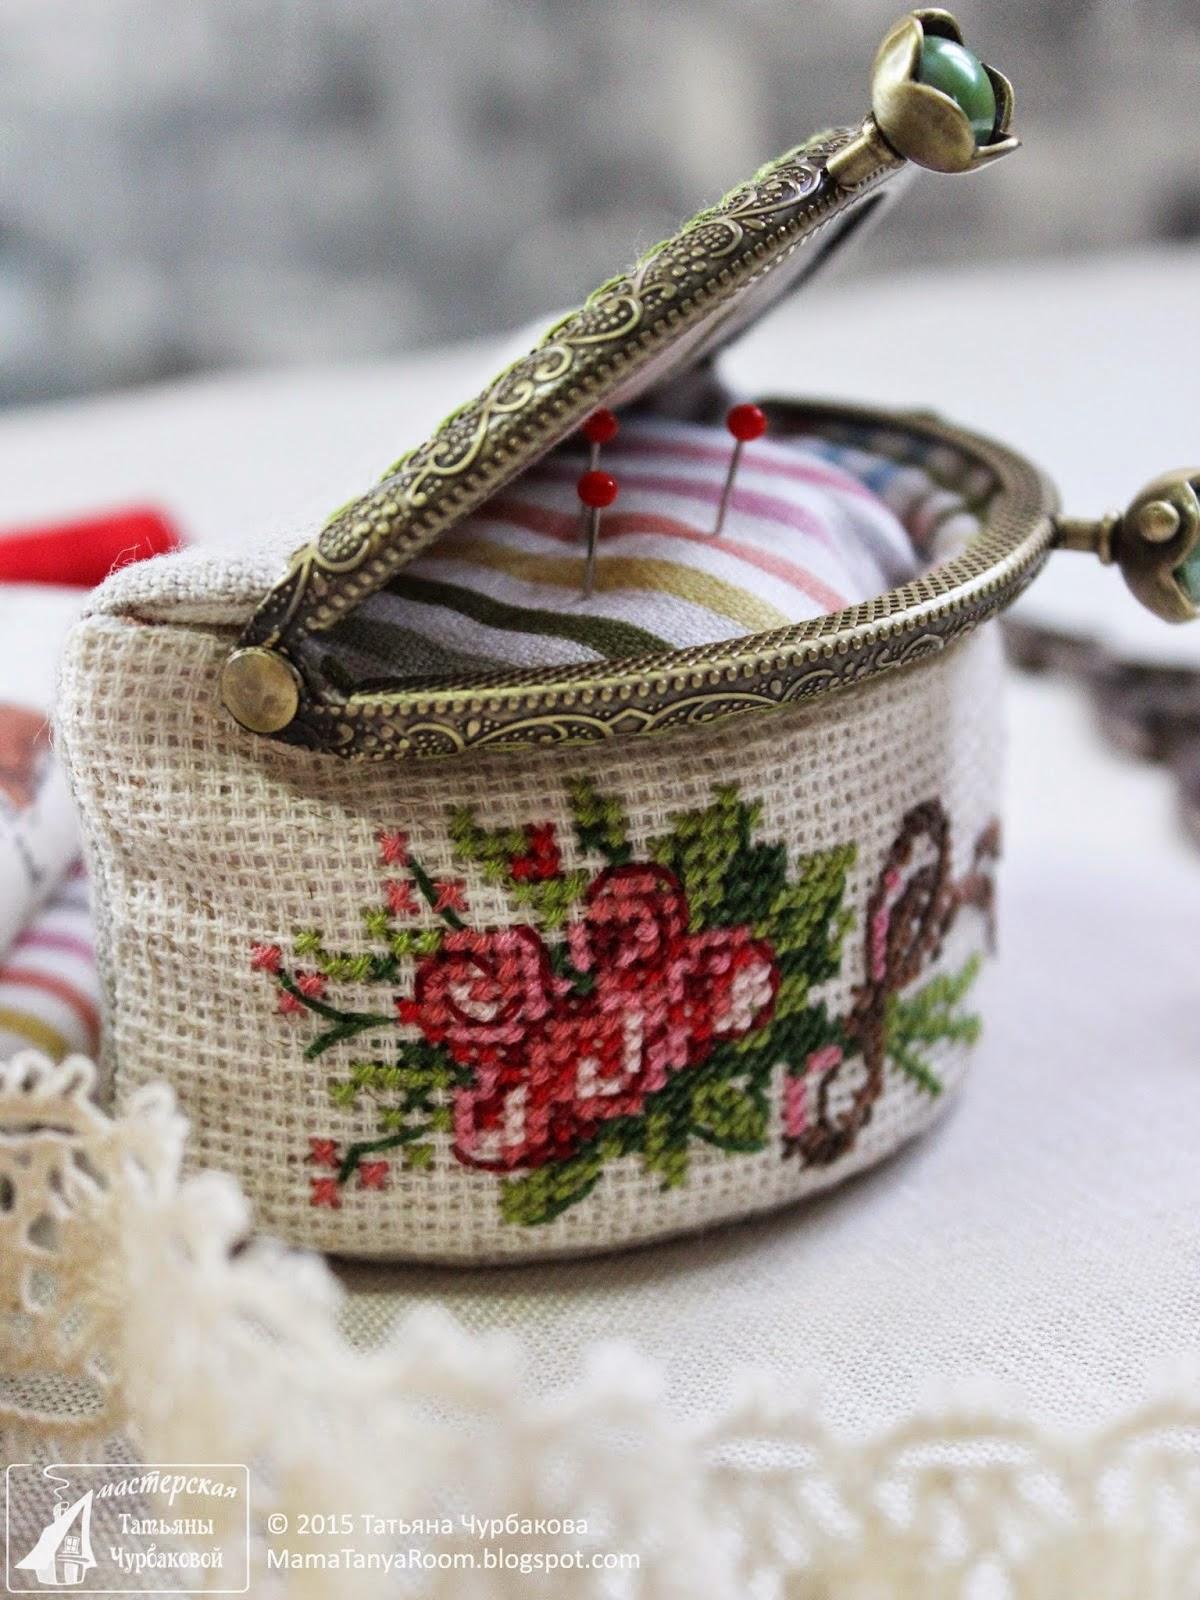 Вышивка аксессуары и рукоделие